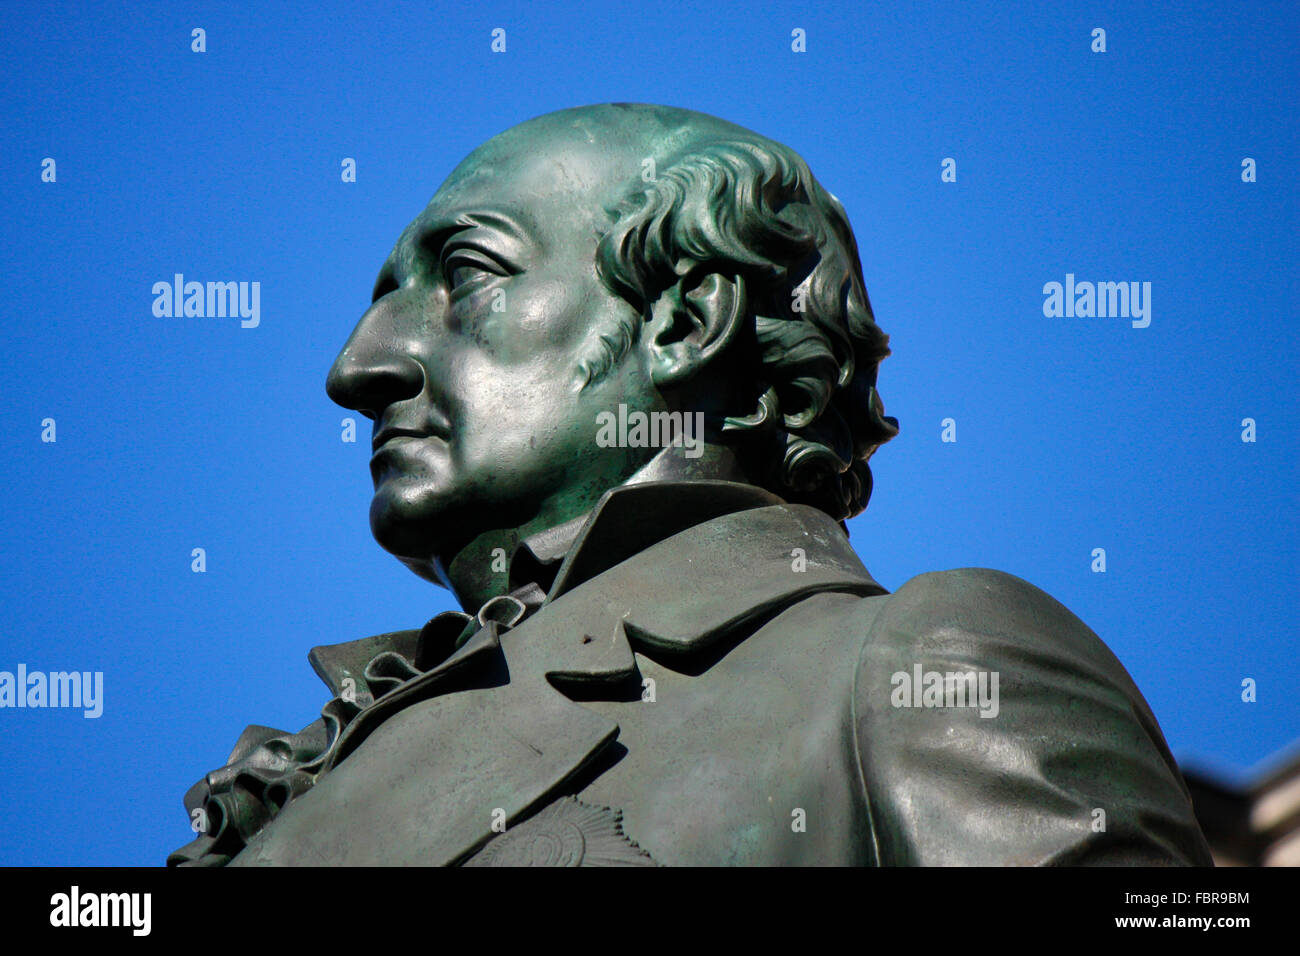 Baron Freiherr von Stein, Heinrich Friedrich Karl von Stein - Denkmal, Abgeordnetenhaus, Berlin-Mitte. - Stock Image